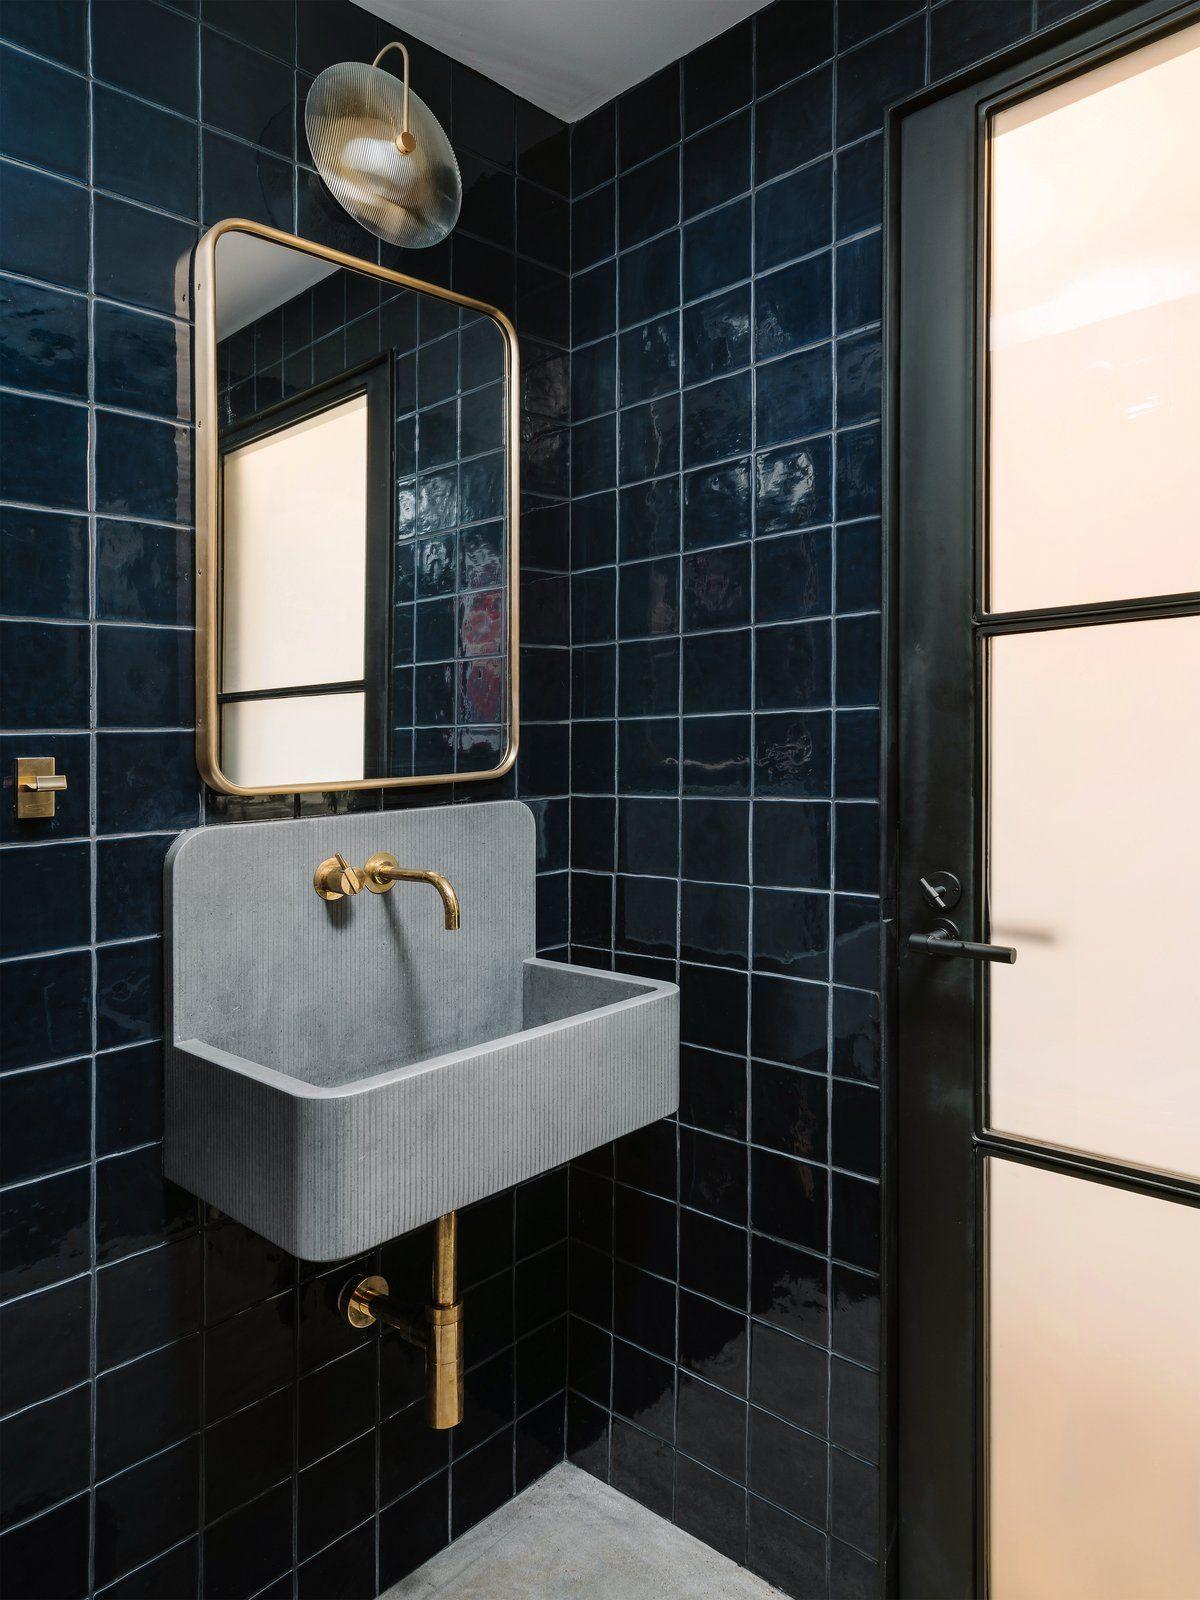 Eva St Loft Remodel By Chioco Design Beautiful Bathroom Designs Concrete Basin Beautiful Bathrooms